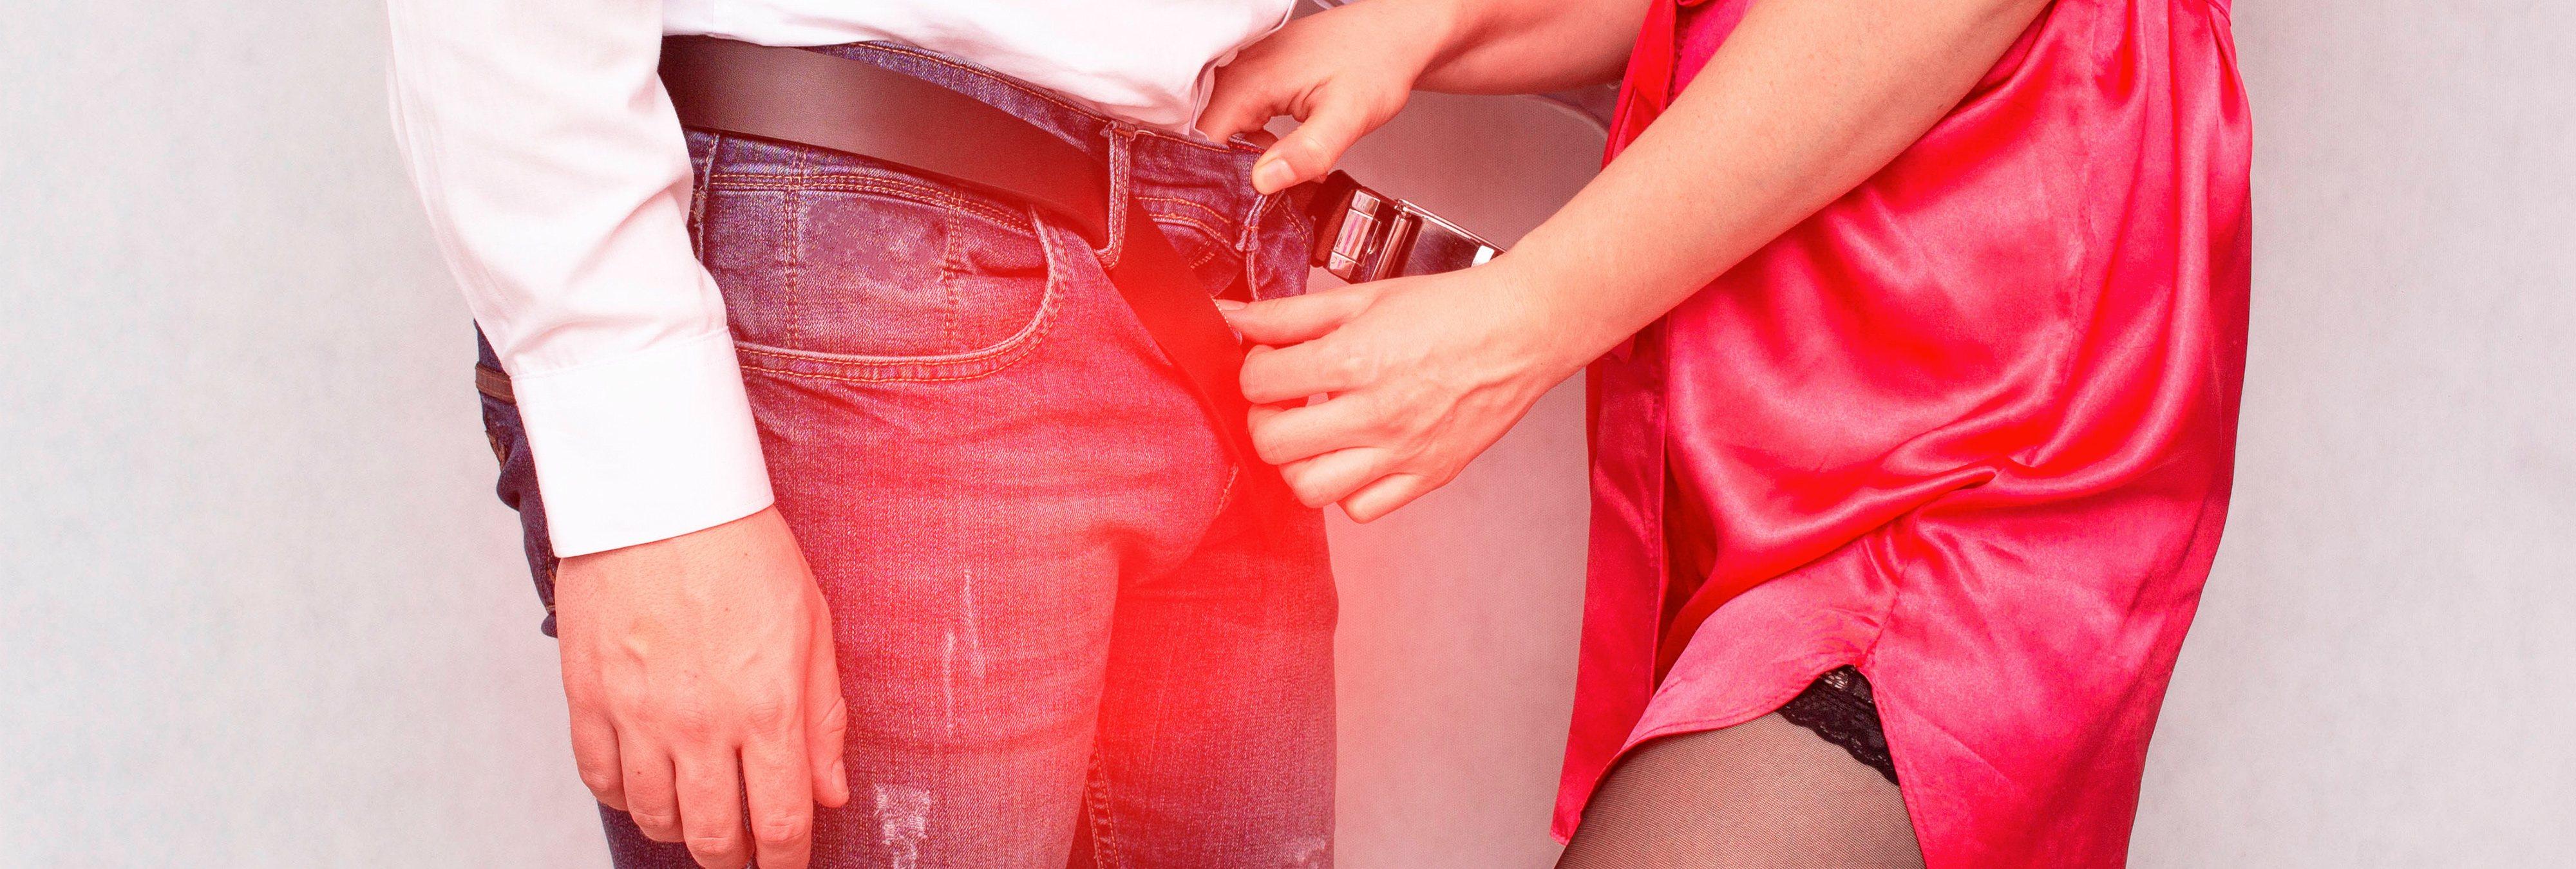 Una cepa de gonorrea inmune a los medicamentos activa las alarmas en Ibiza